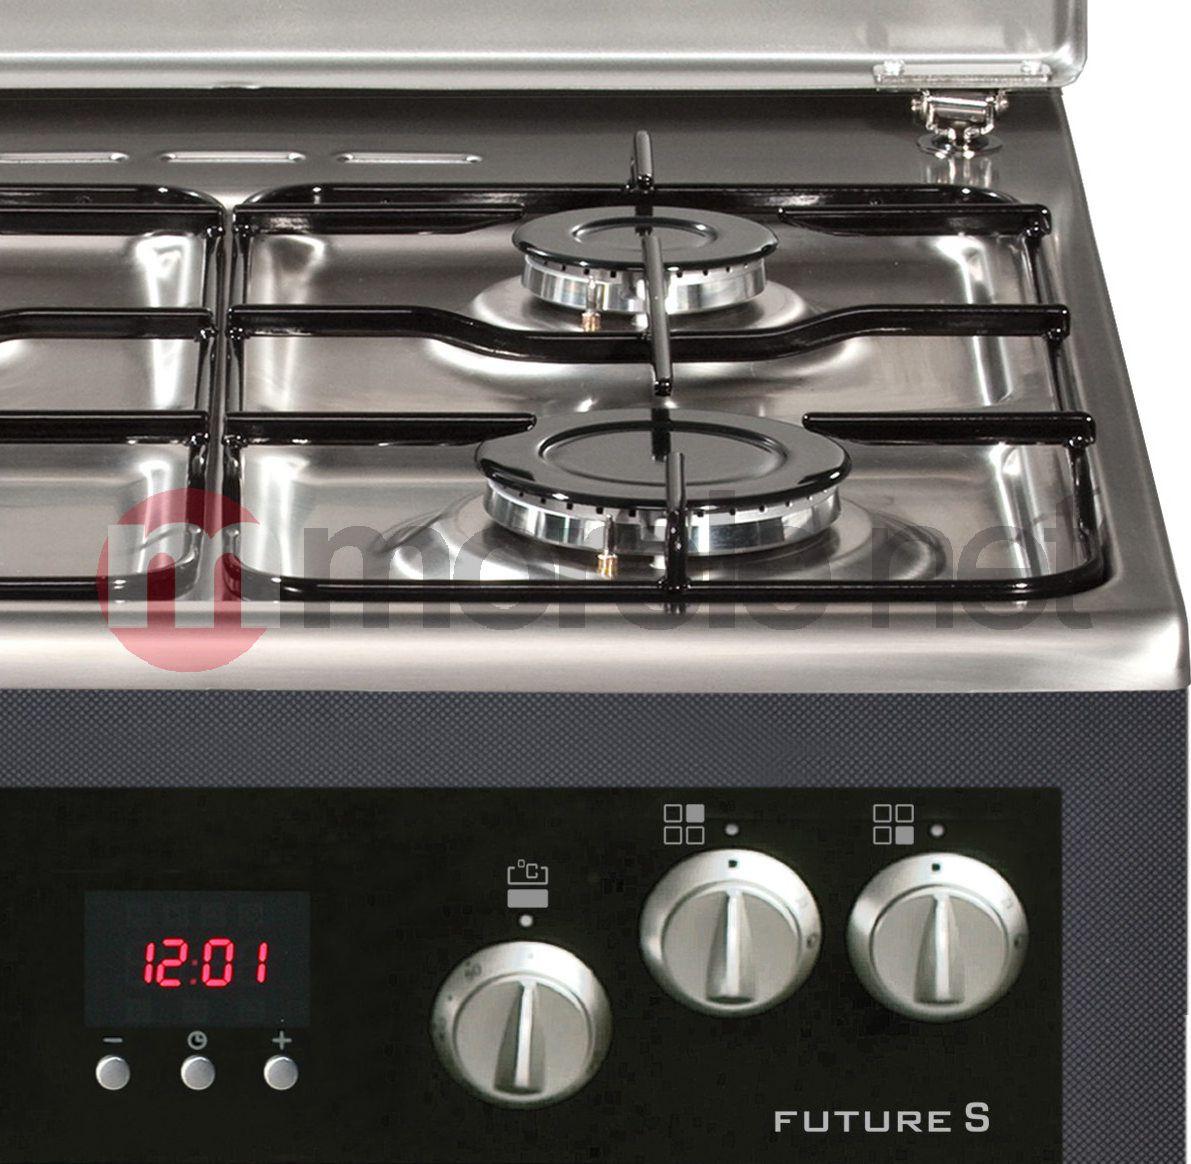 KGE 3442 SX FUT w Morele ne -> Kuchnia Gazowo Elektryczna Mastercook